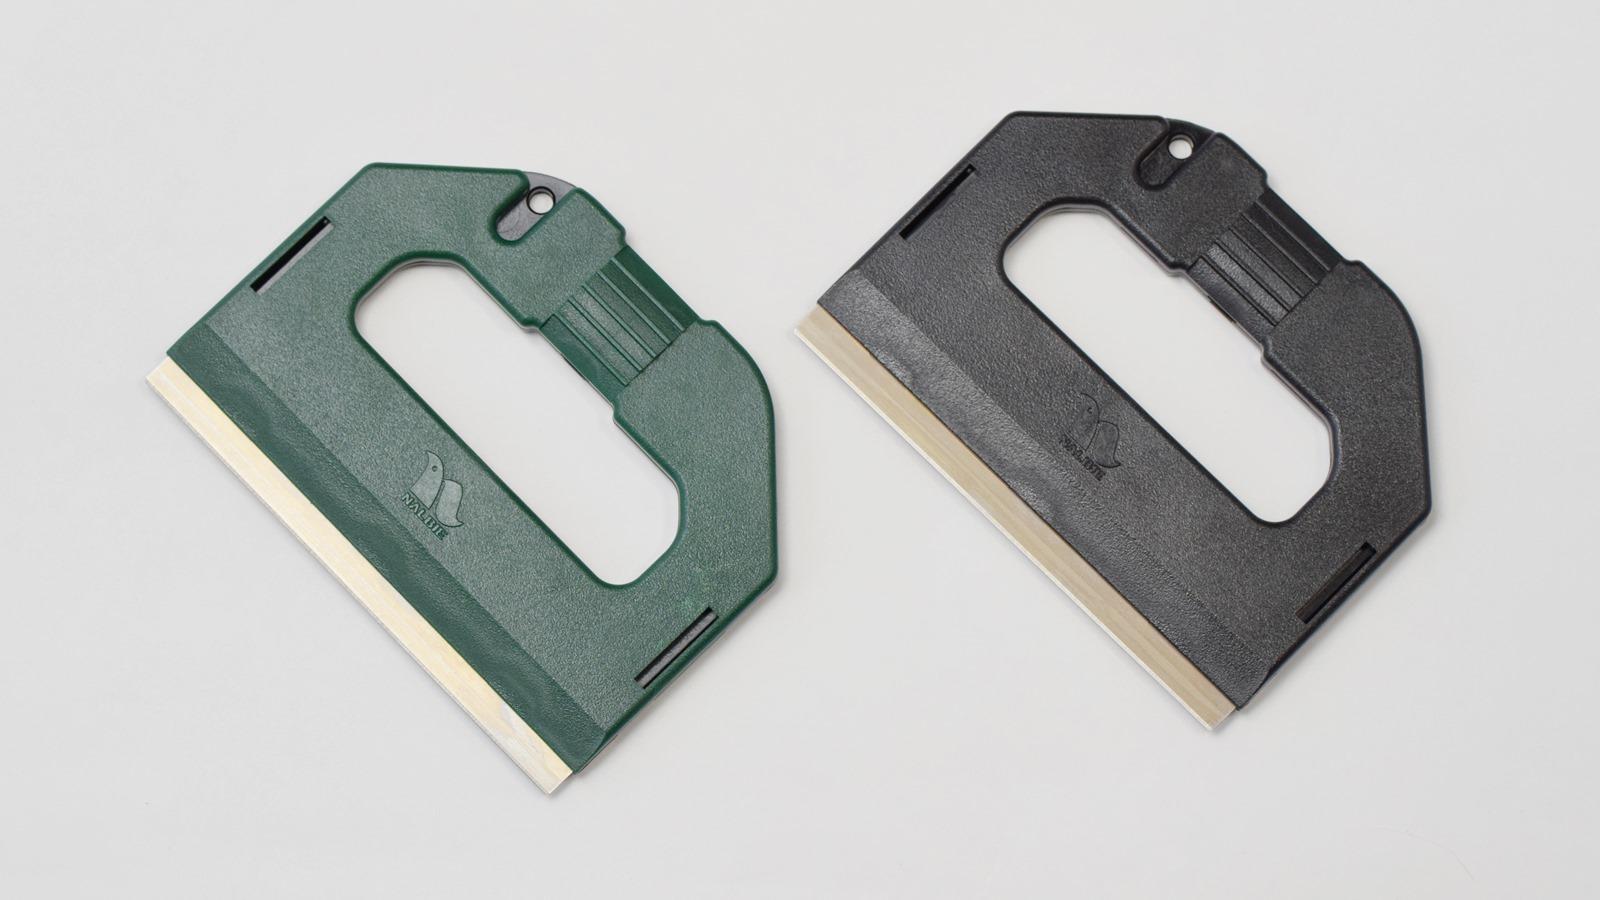 ナルビーのプロ用大型スクレーパー「S-PRO」は、スライドパネルを片手でスライドするだけで刃をカバーできる安全設計です。